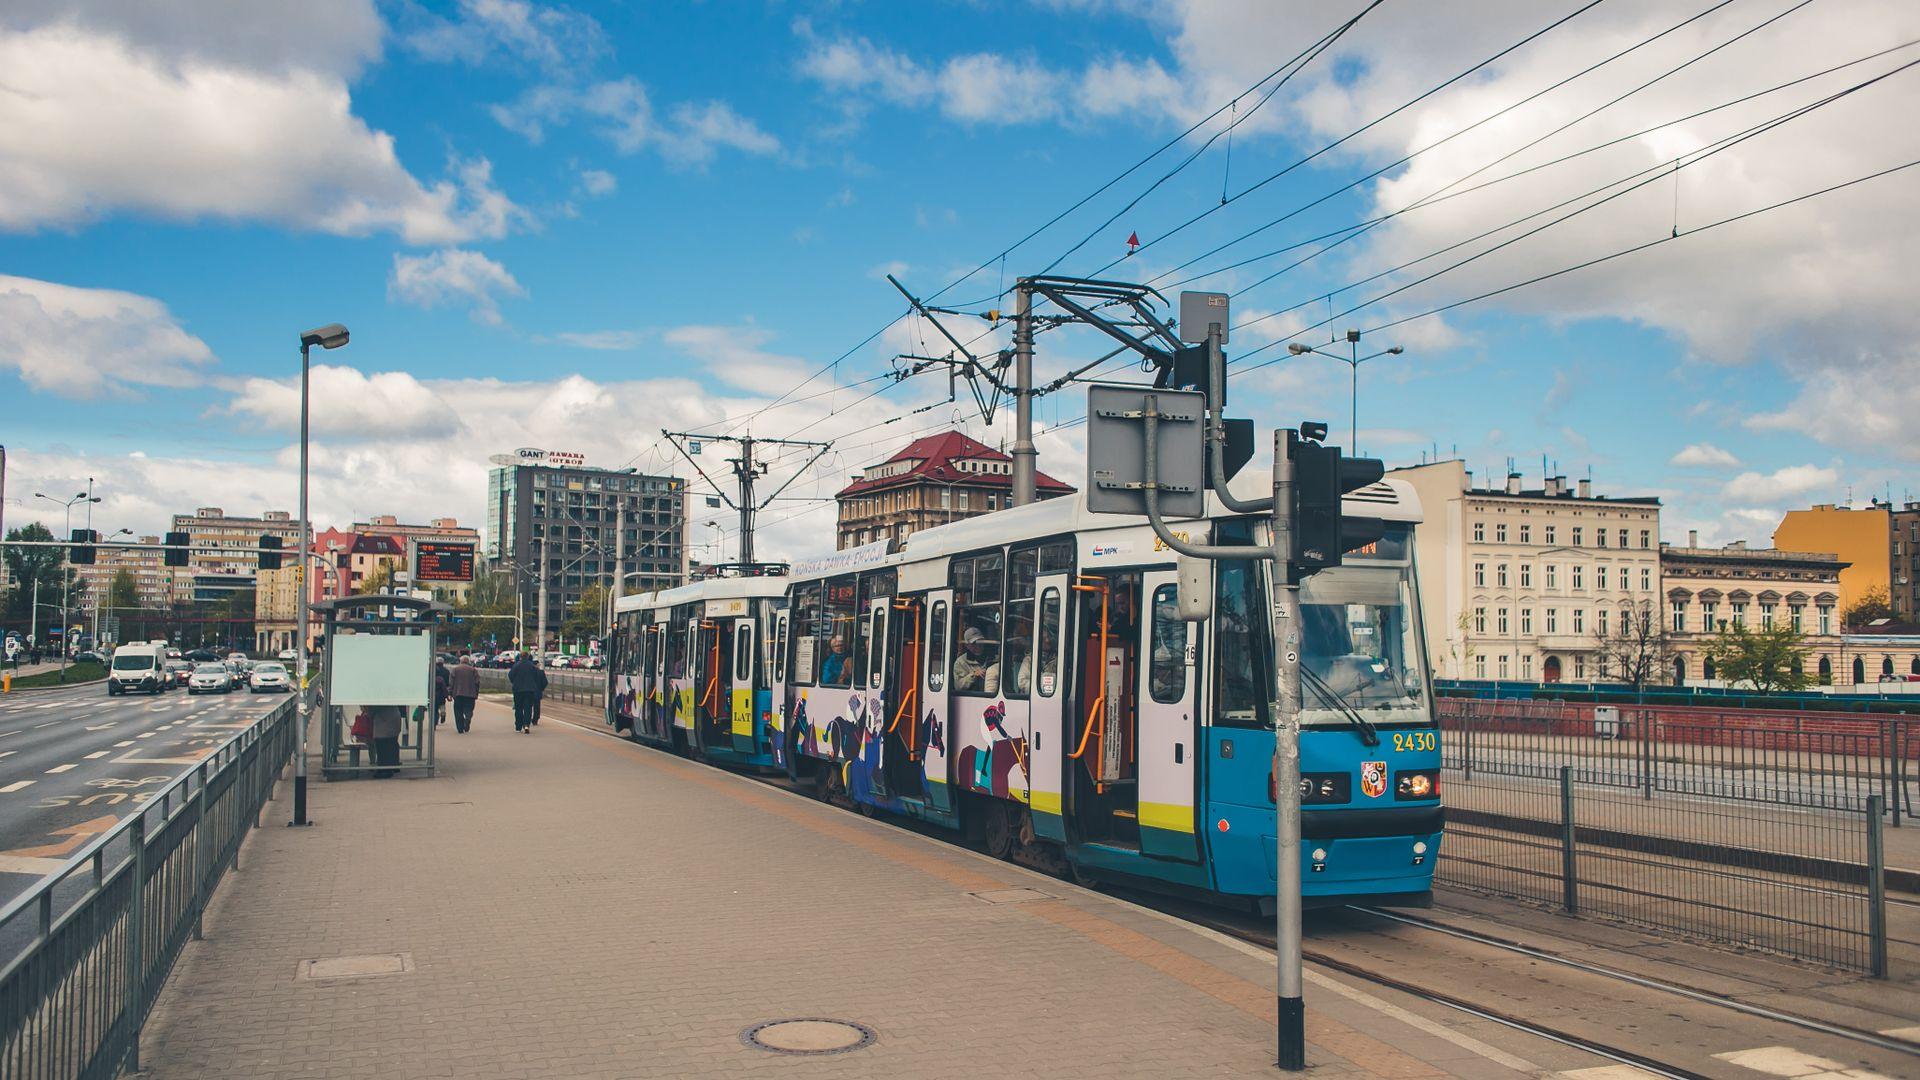 [Wrocław] Tramwaj na Nowy Dwór: raport środowiskowy ma braki. Nie wiadomo, kiedy decyzja